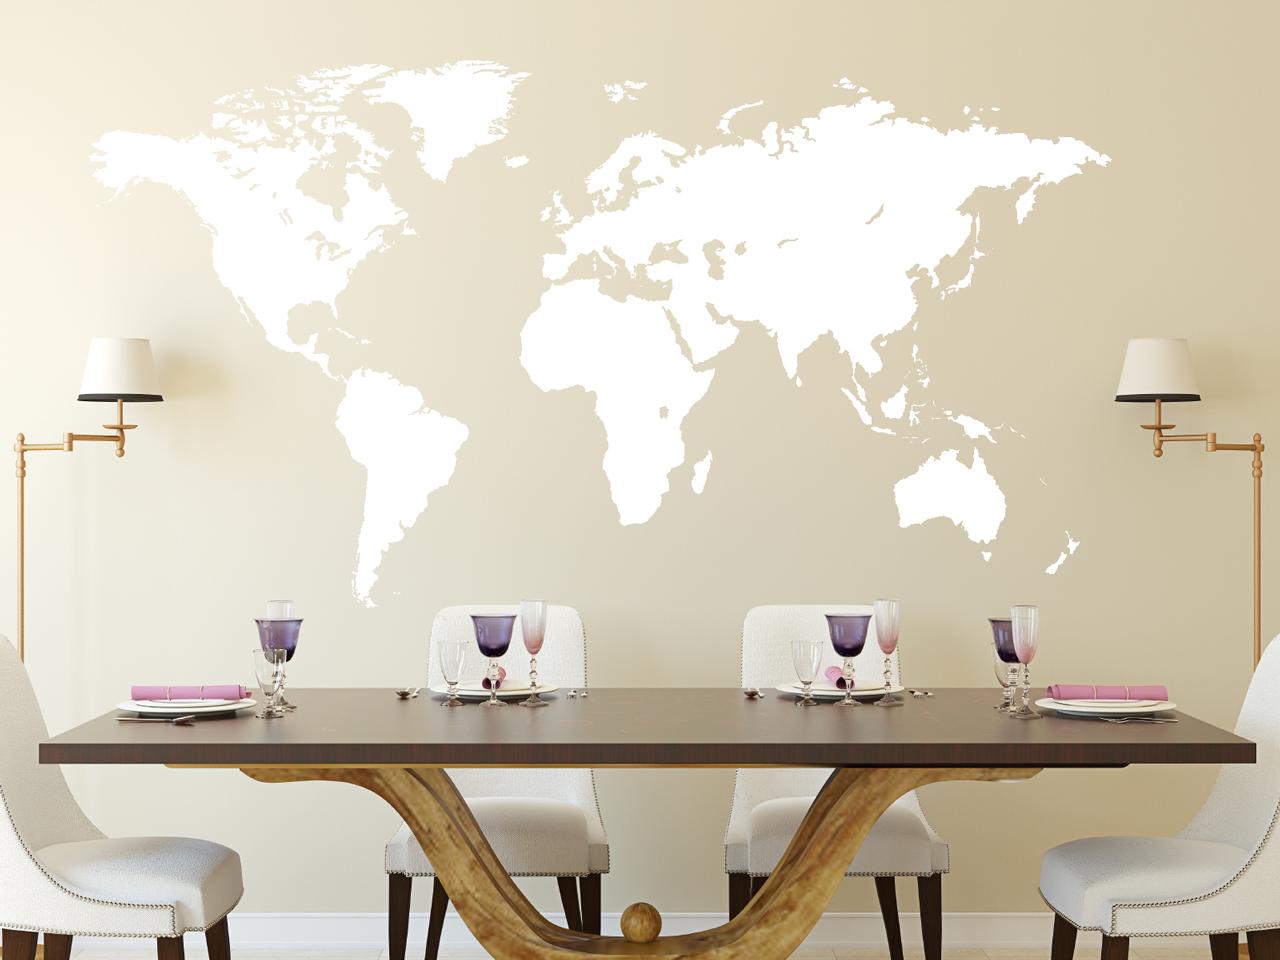 Wandtattoo Weltkarte Erde Tocut Werbetechnik Wandtattoo Beschriftung